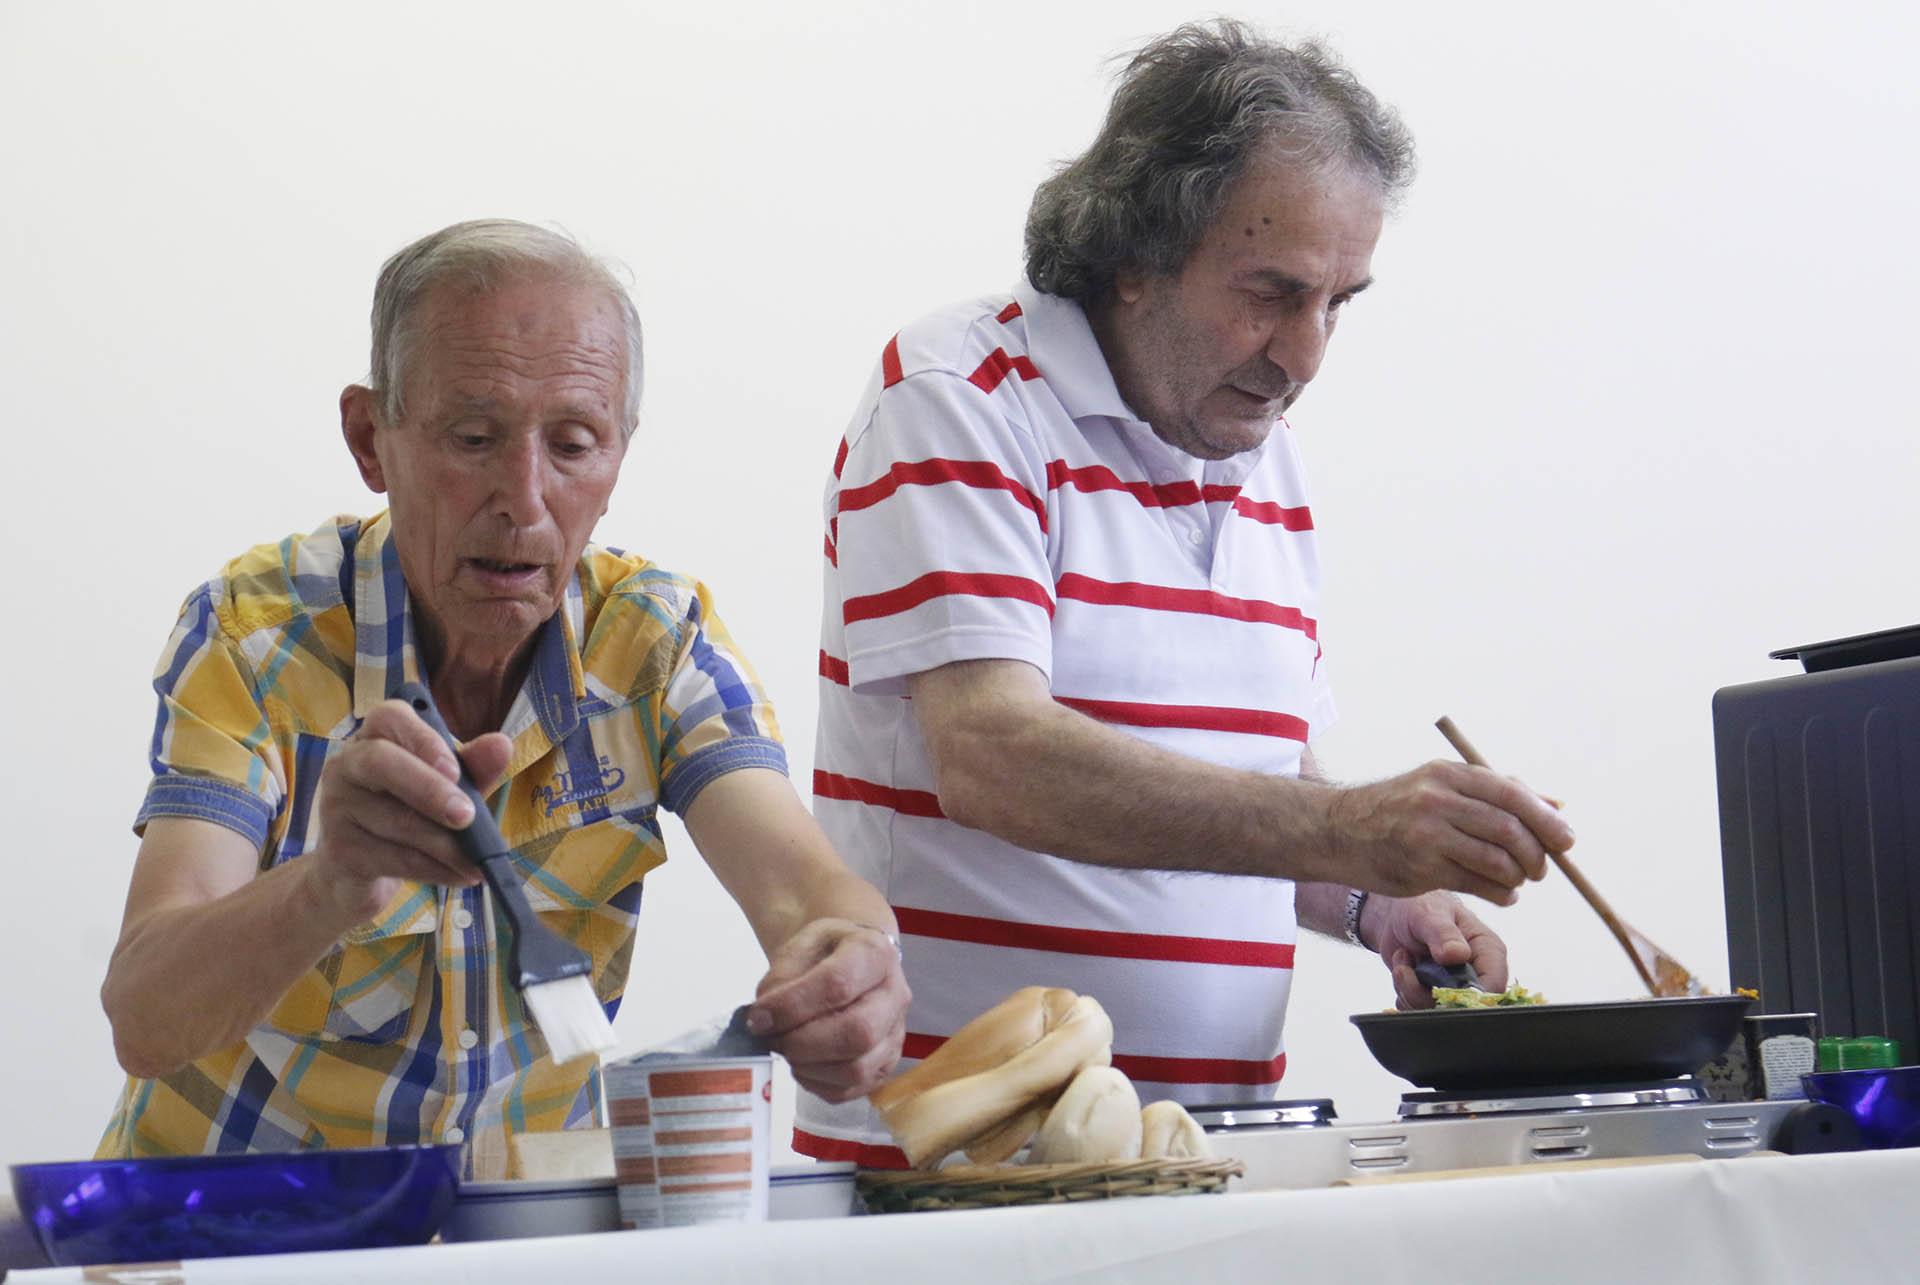 Formandos aprendem como confecionar o pão em sessão informativa na LBV